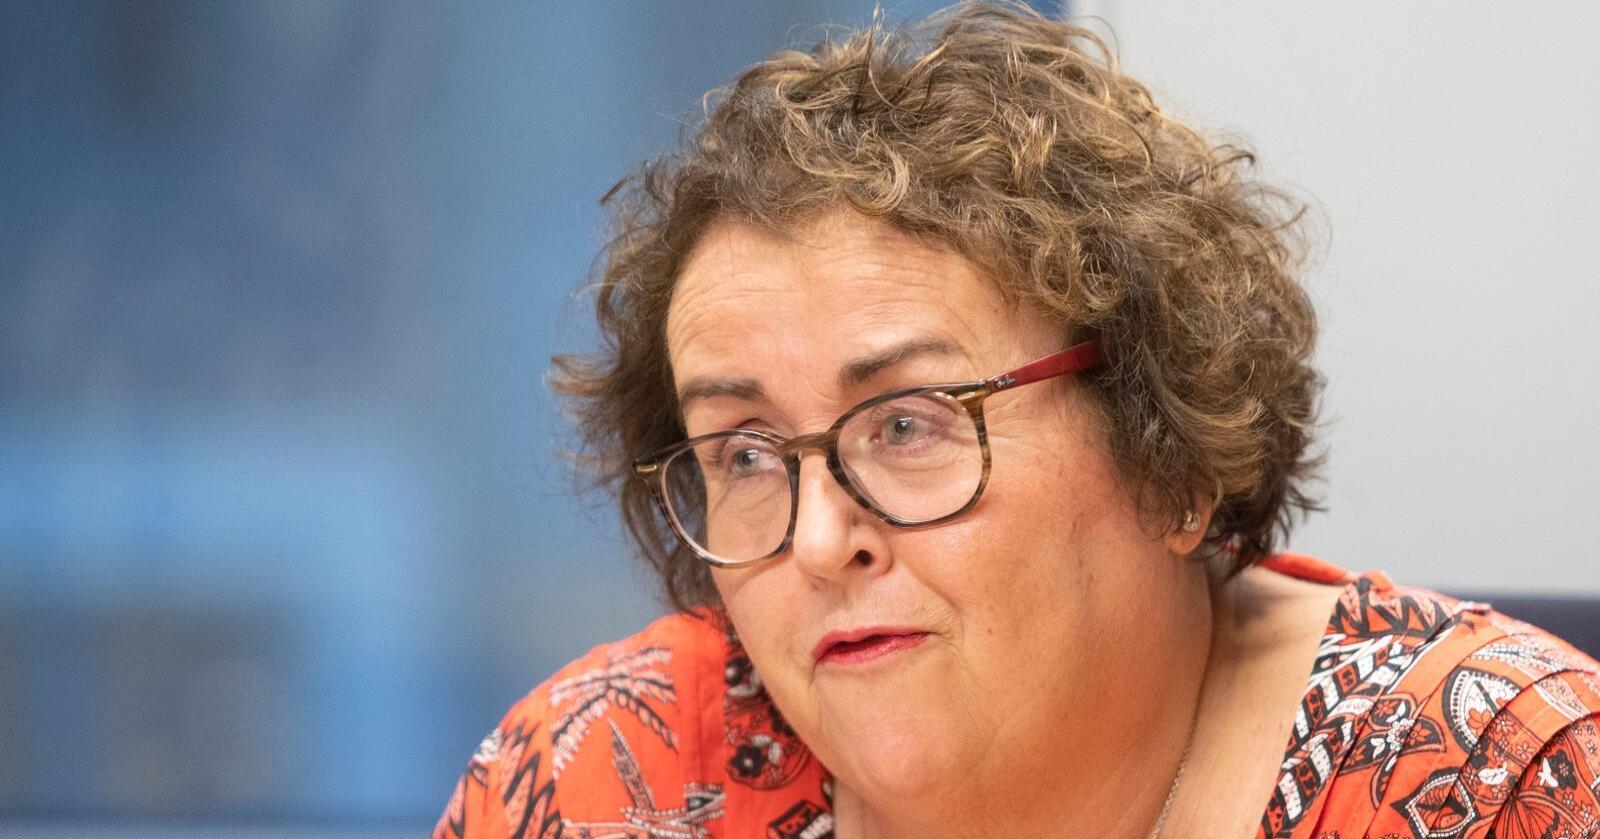 Landbruks- og matminister Olaug Bollestad (KrF) forteller at hun jobber tett med både næringa og andre departementer for å finne løsninger på manglende arbeidskraft.Foto: Terje Bendiksby / NTB scanpix